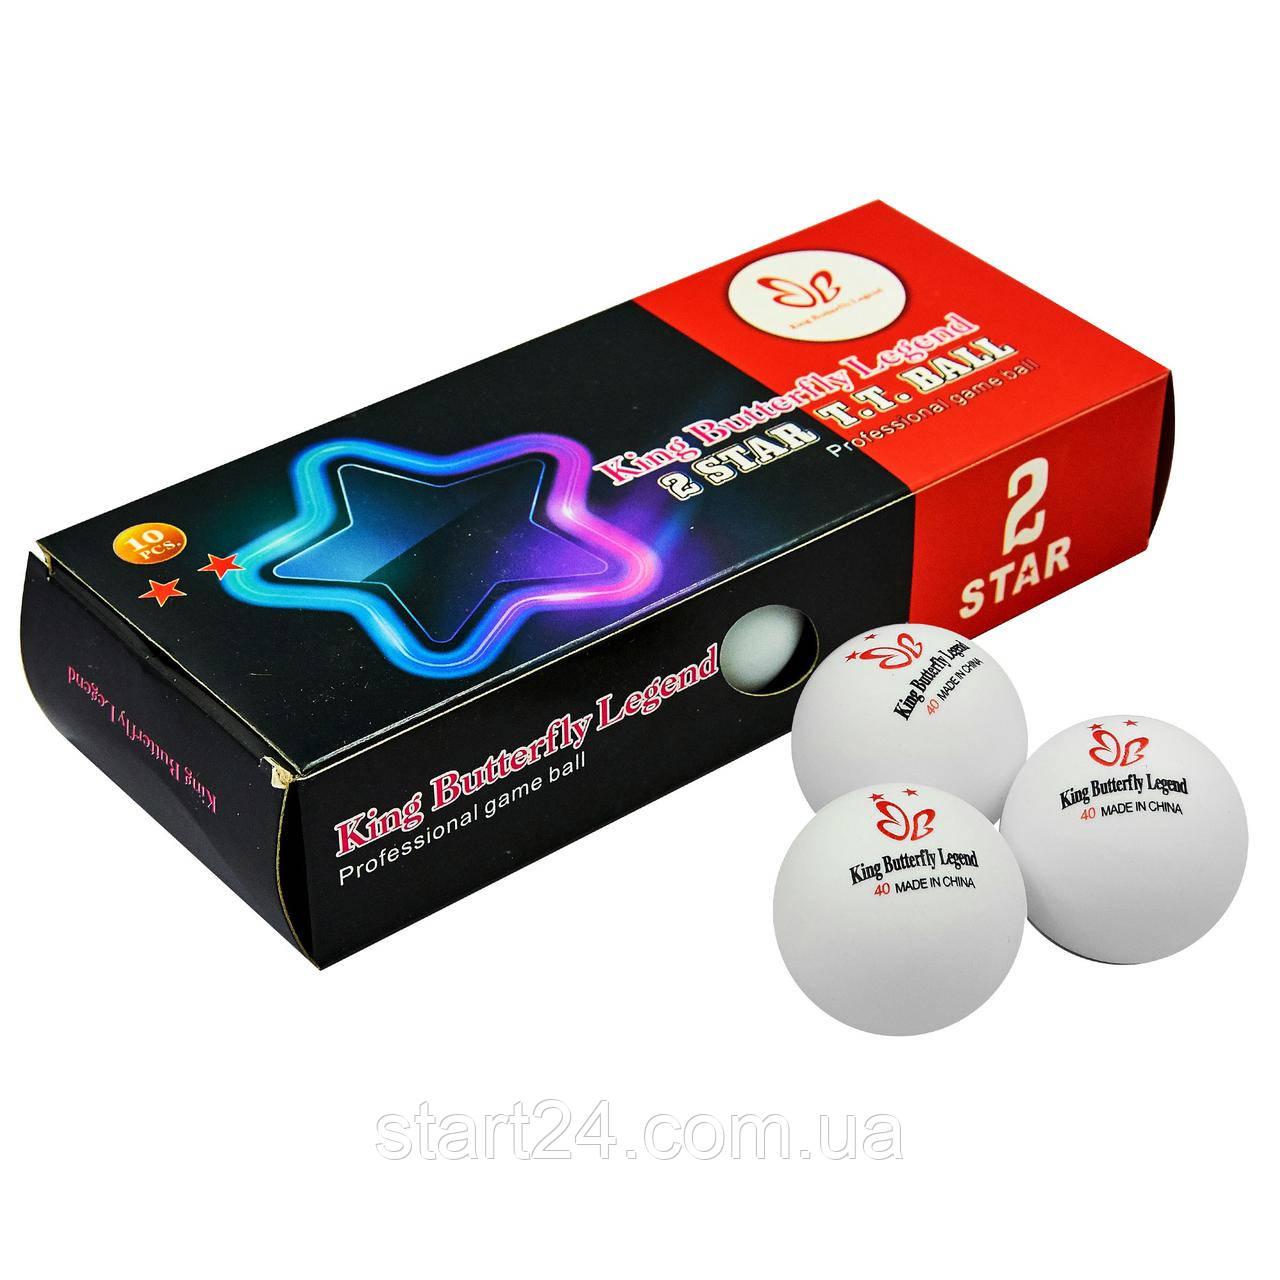 Набір м'ячів для настільного тенісу 10 штук BUT MT-8393 2star (d-40мм, білий)